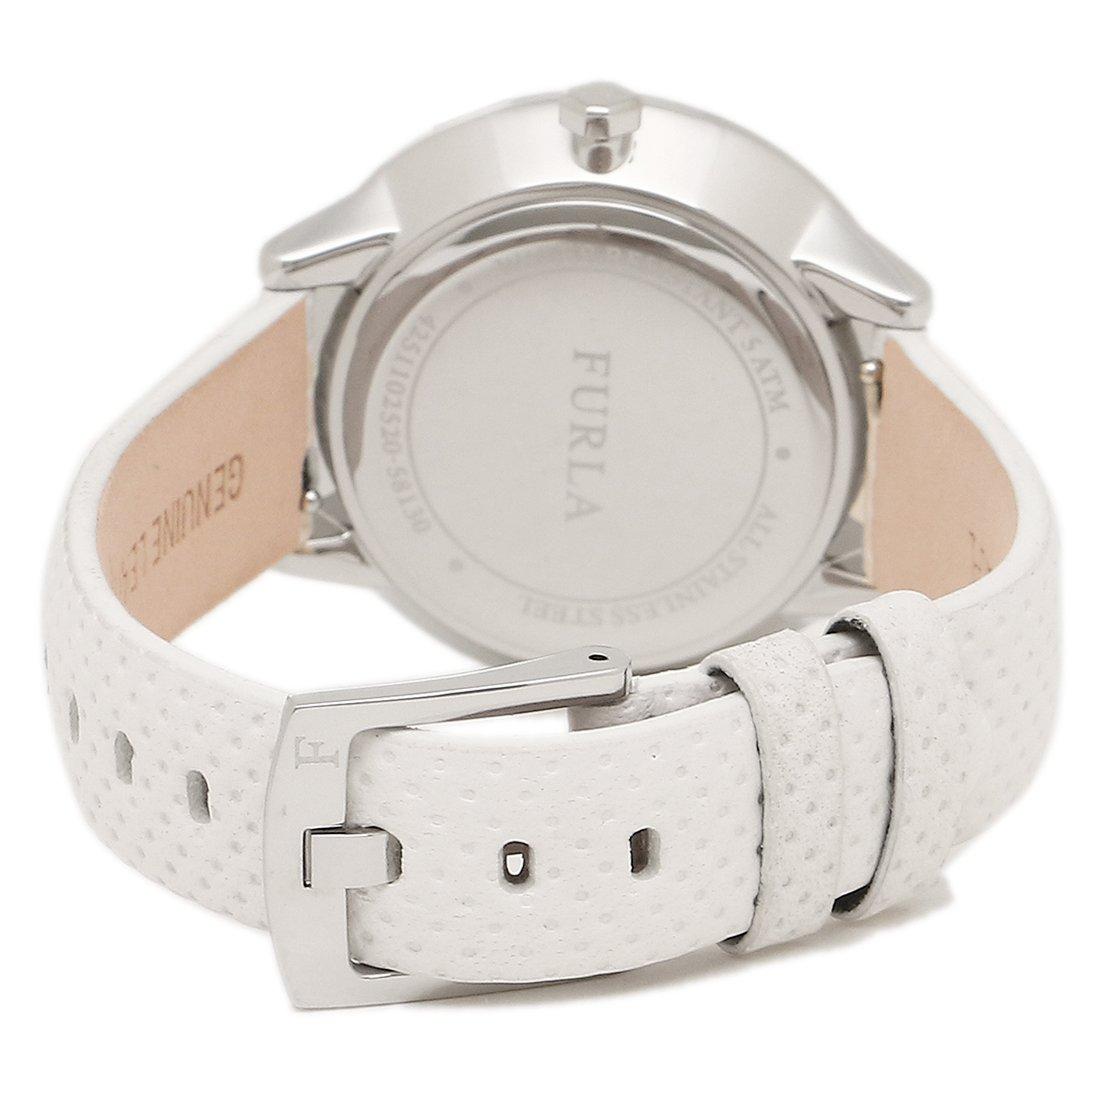 81abfdba9341 Amazon | [フルラ] 腕時計 レディース FURLA R4251102520 899283 W480 WU0 PET シルバー ホワイト  [並行輸入品] | 並行輸入品・逆輸入品・中古品(レディース) ...